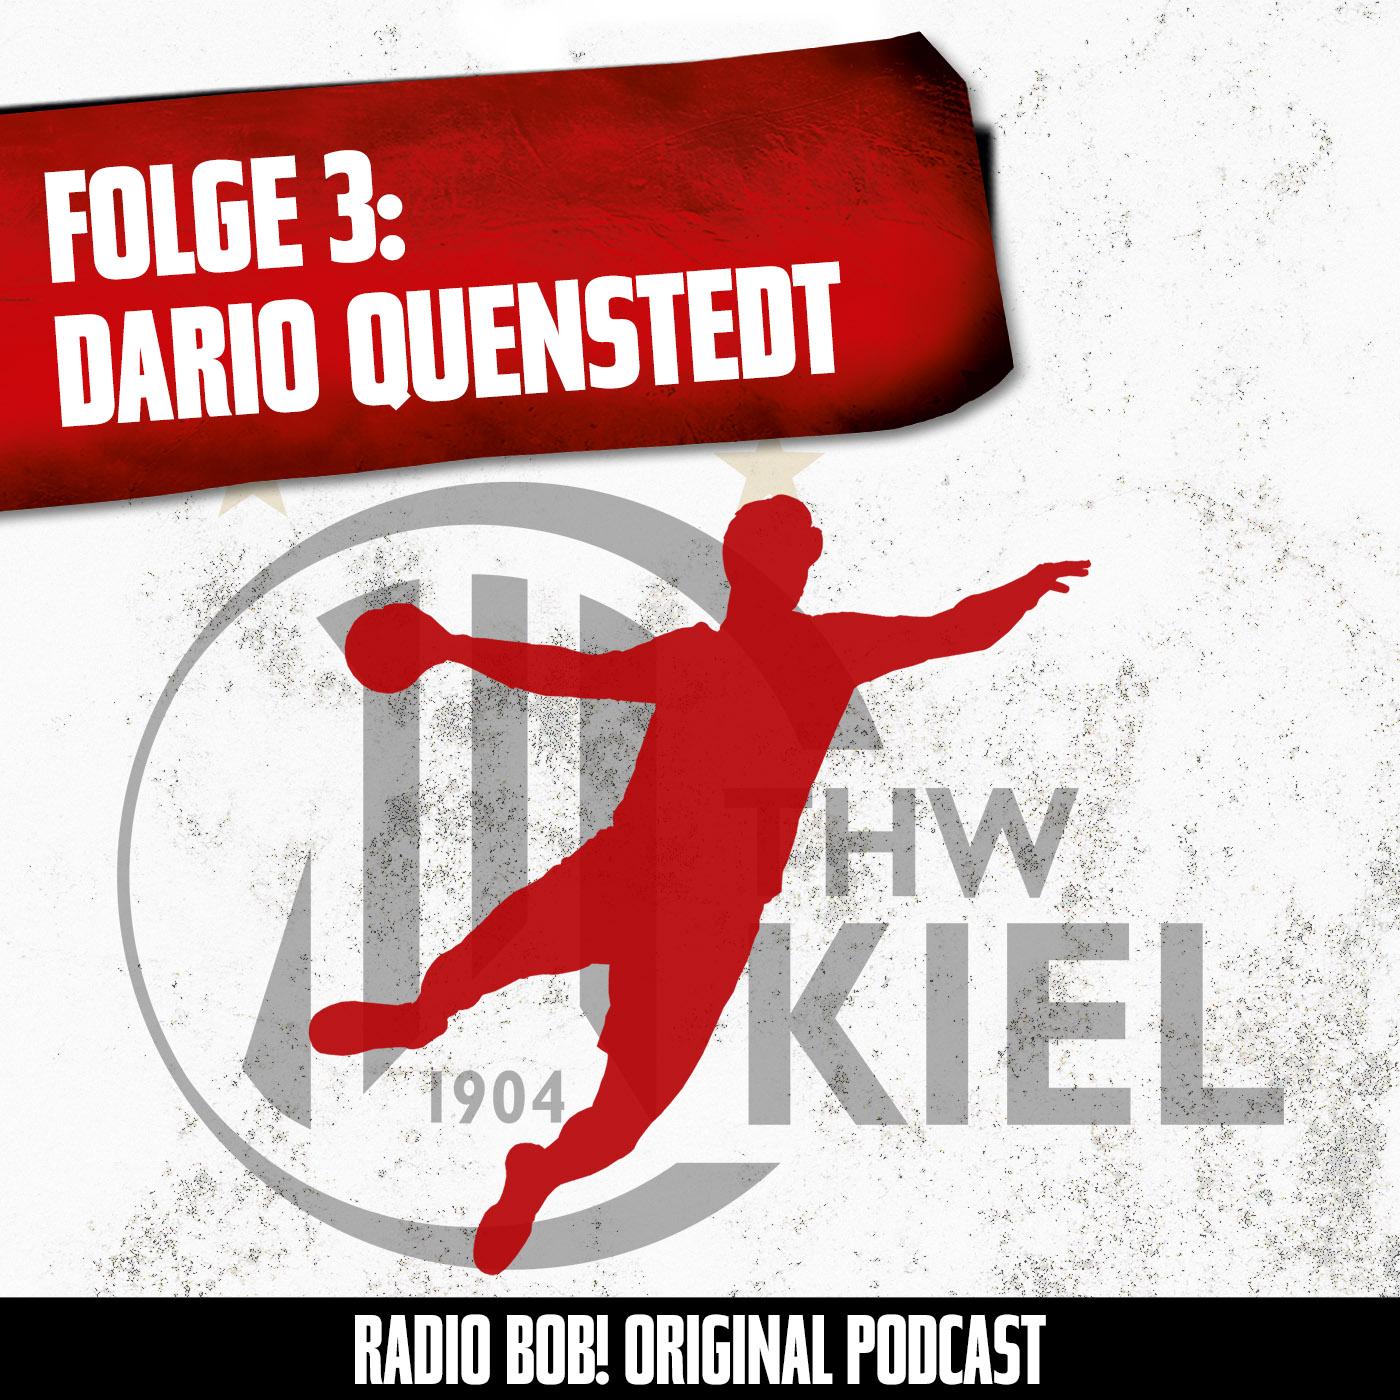 #3: Dario Quenstedt